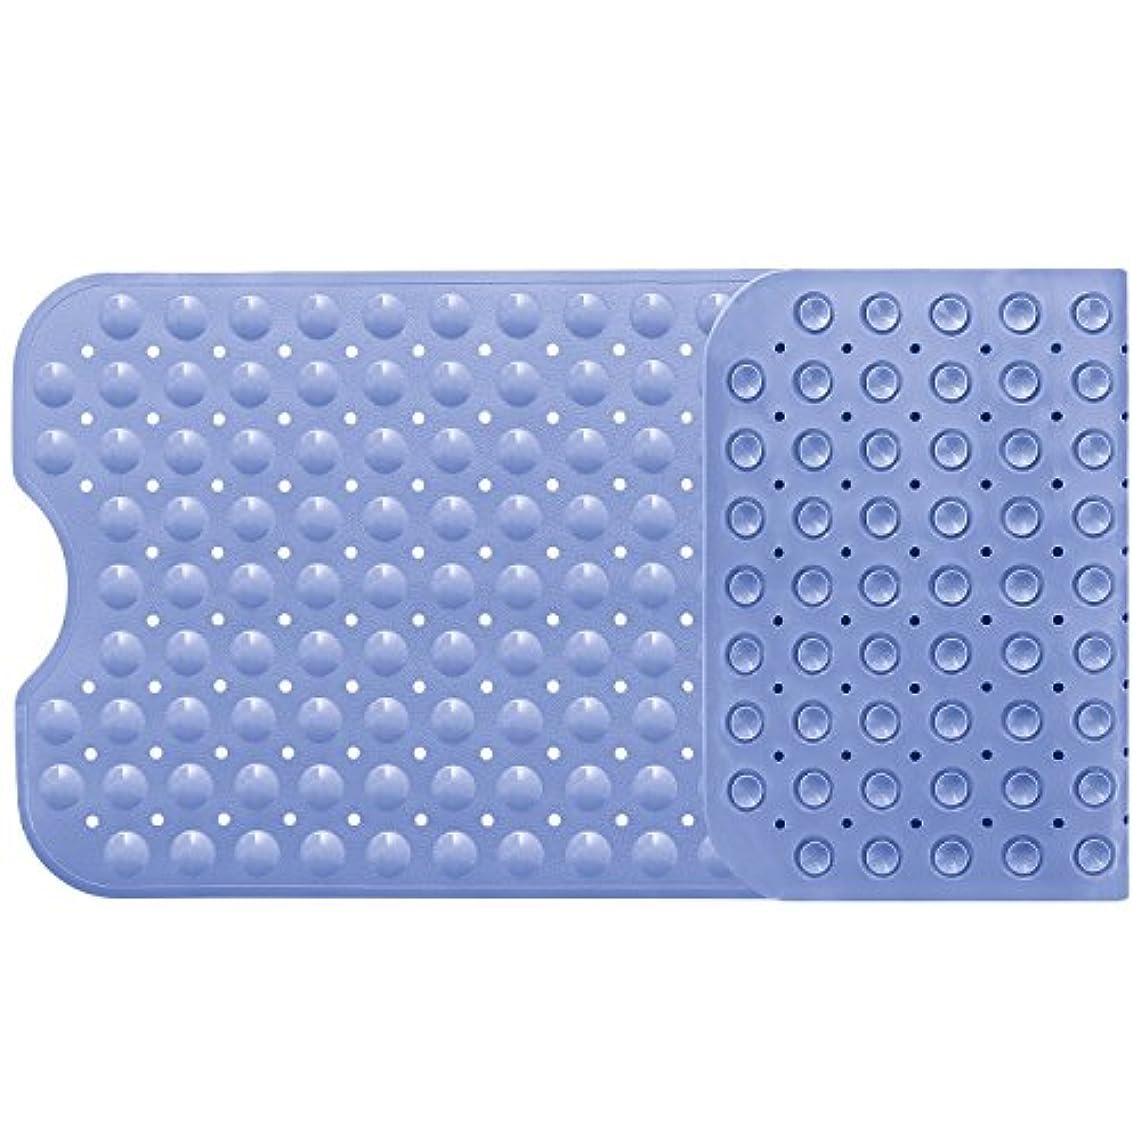 退院レンズソフトウェアバスマット お風呂マット 滑り止めマット 転倒防止 介護用 浴槽用 吸盤付き 防カビ すべり止めマット フットマッサージ 風呂シャワーマット 安全 100×40cm ライトブルー